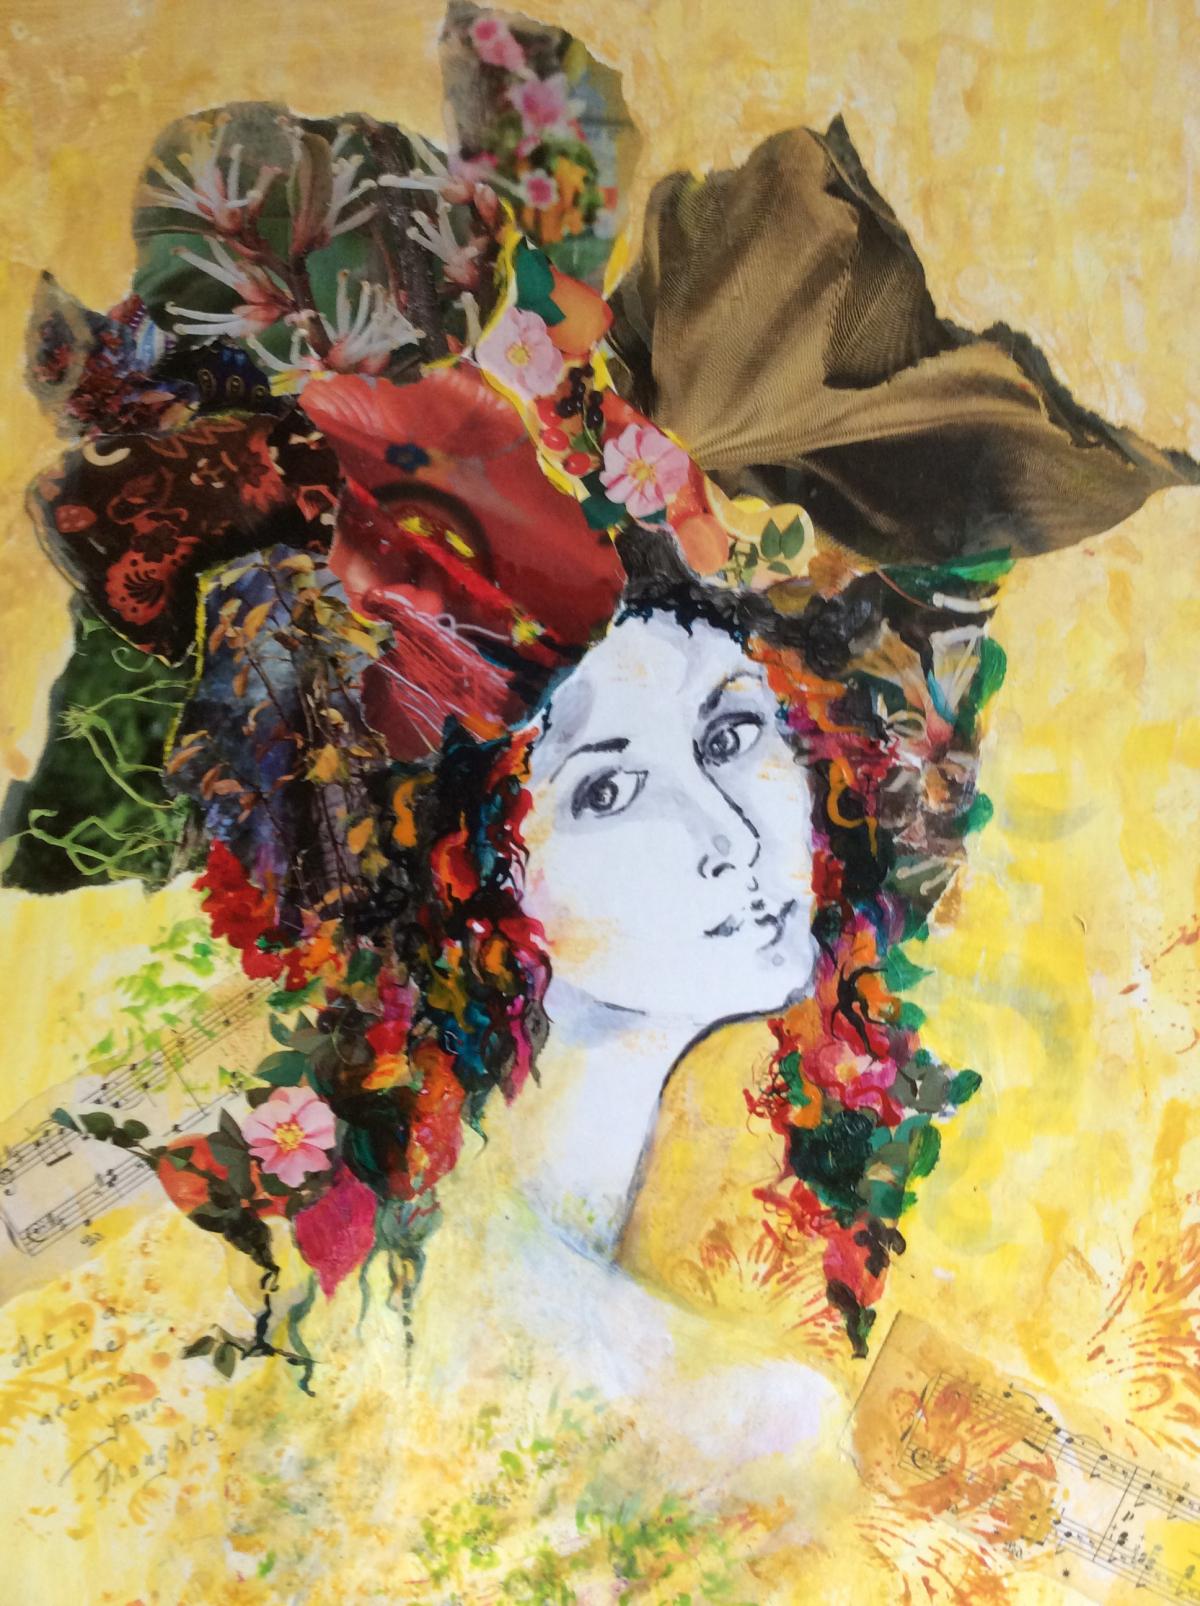 Painting by Joan Kinghan